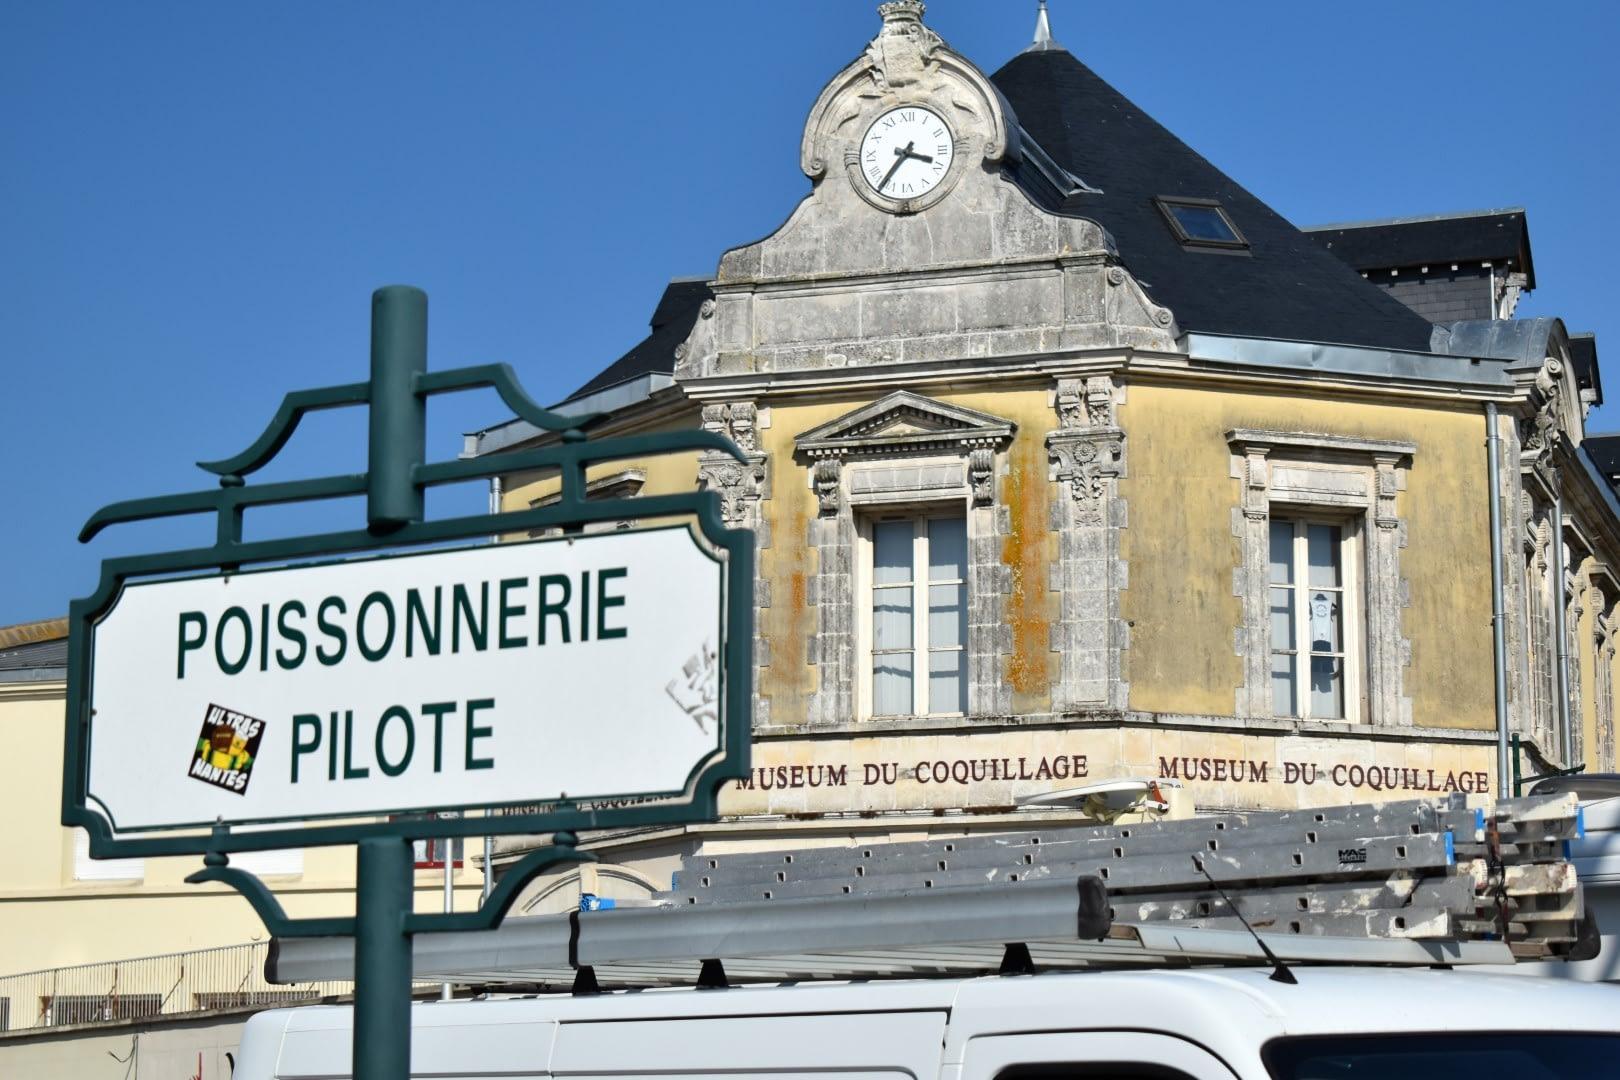 Poissonnerie pilote, 1 Quai Ernest de Franqueville, Les Sables-d'Olonne